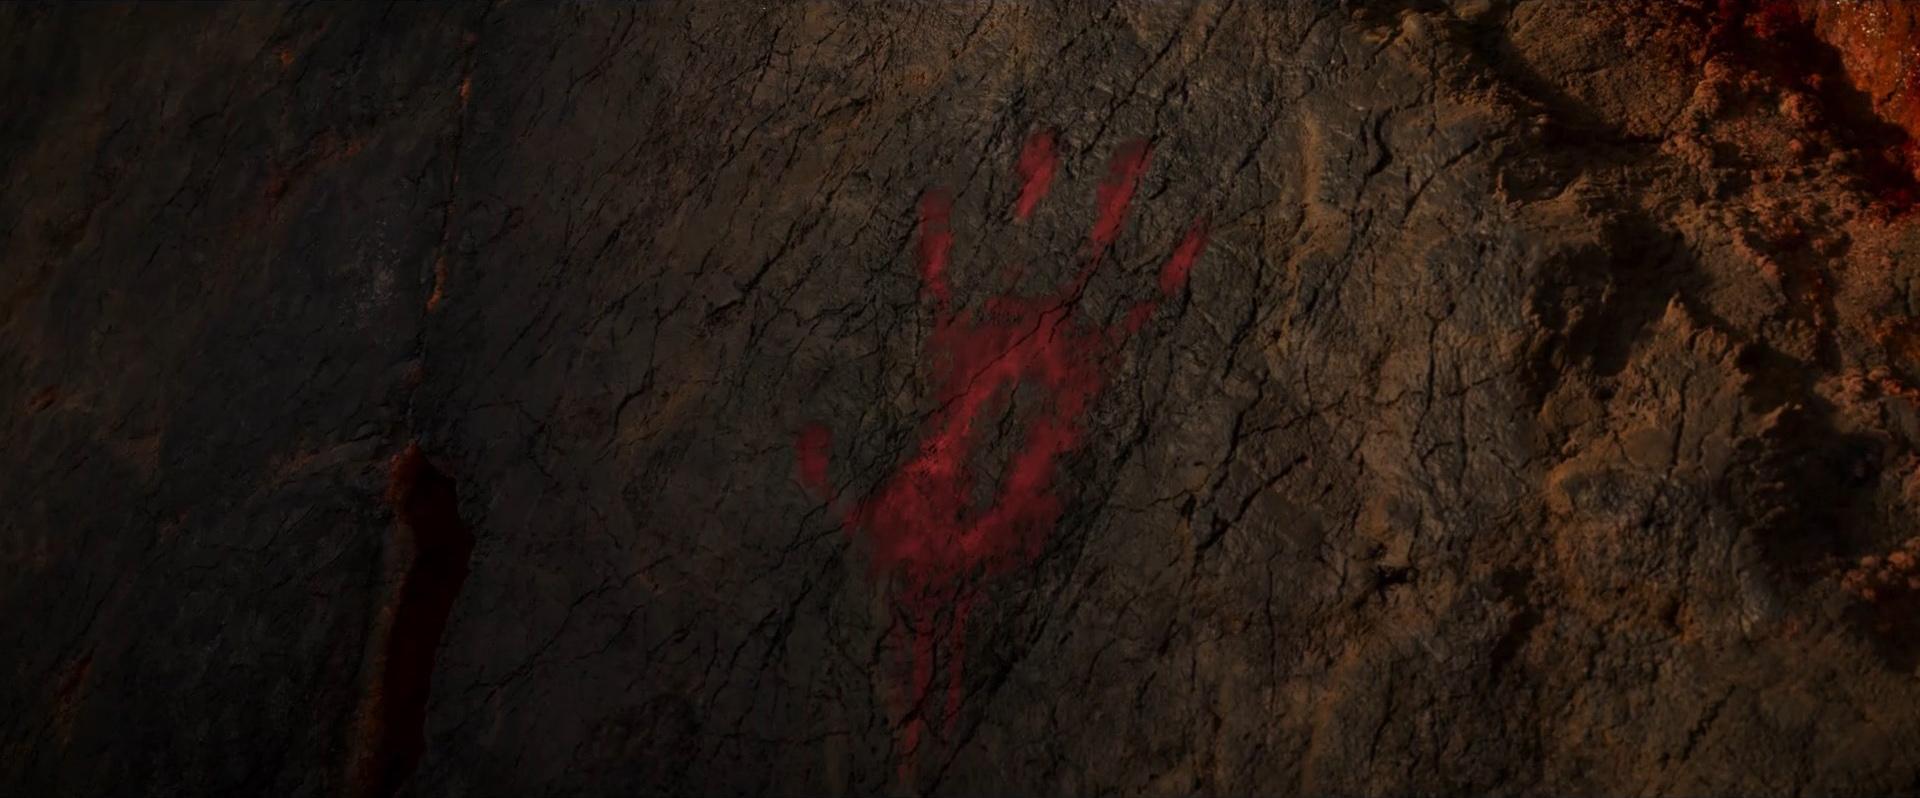 Godzilla vs Kong Trailer Still 61 - Kong hand print Skull Island